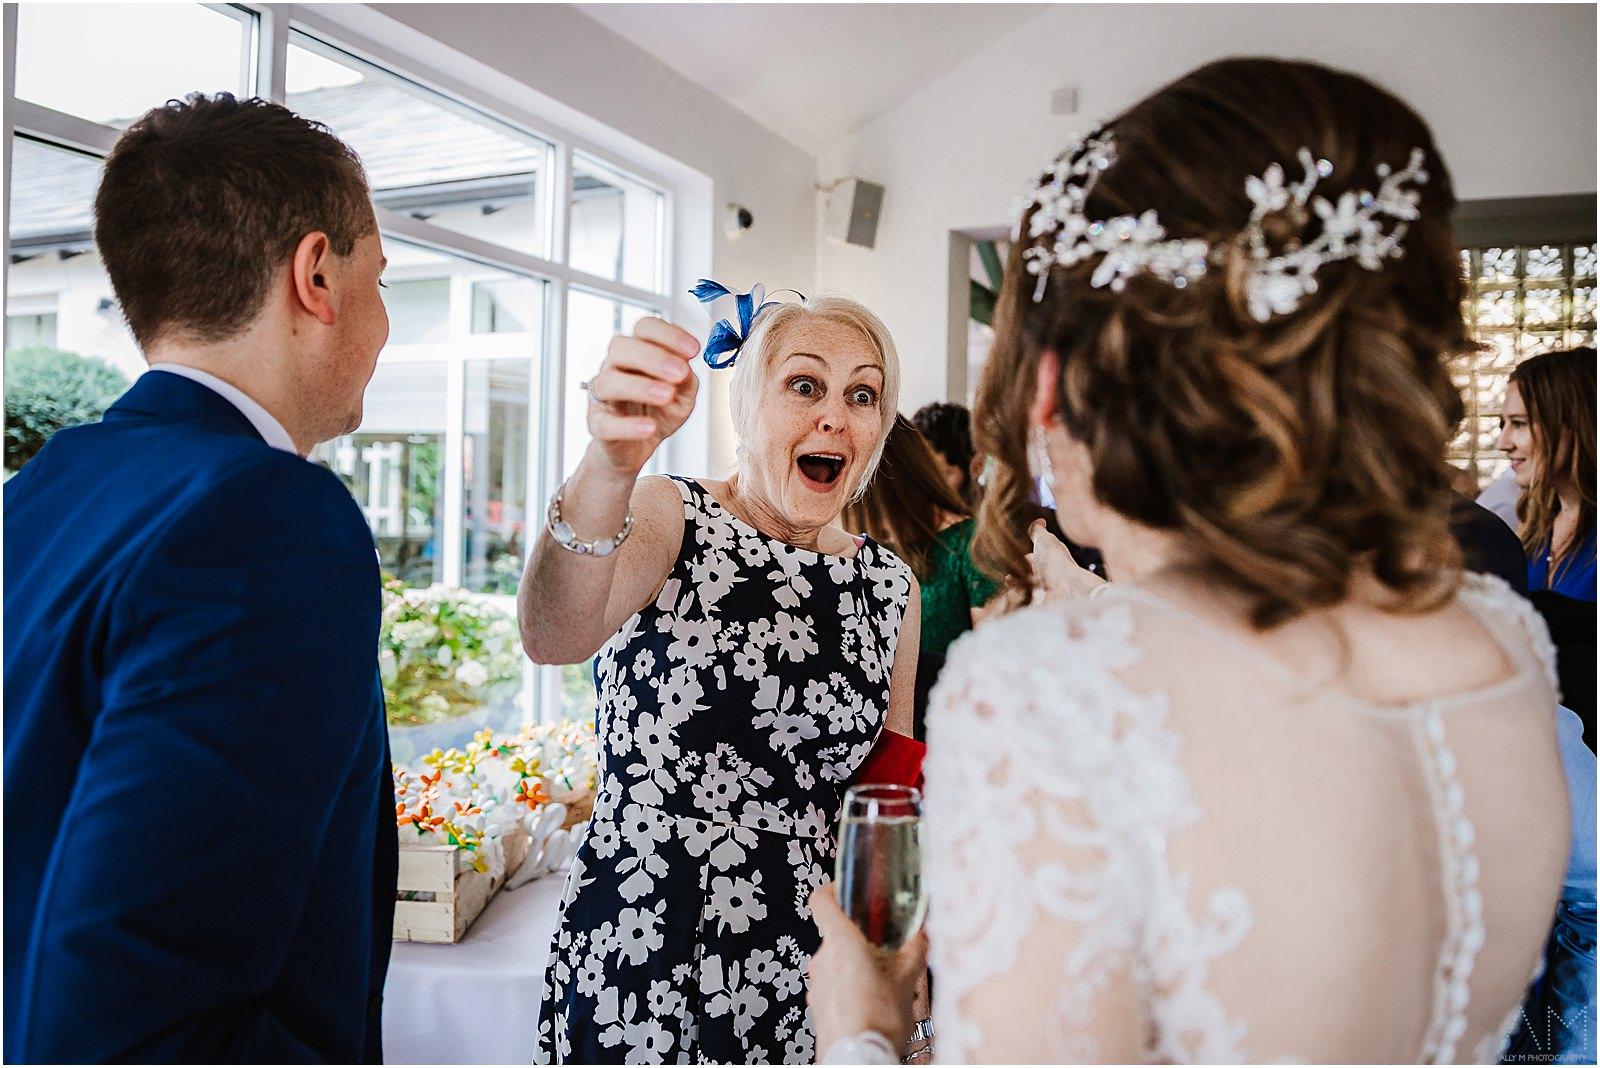 Happy wedding guest